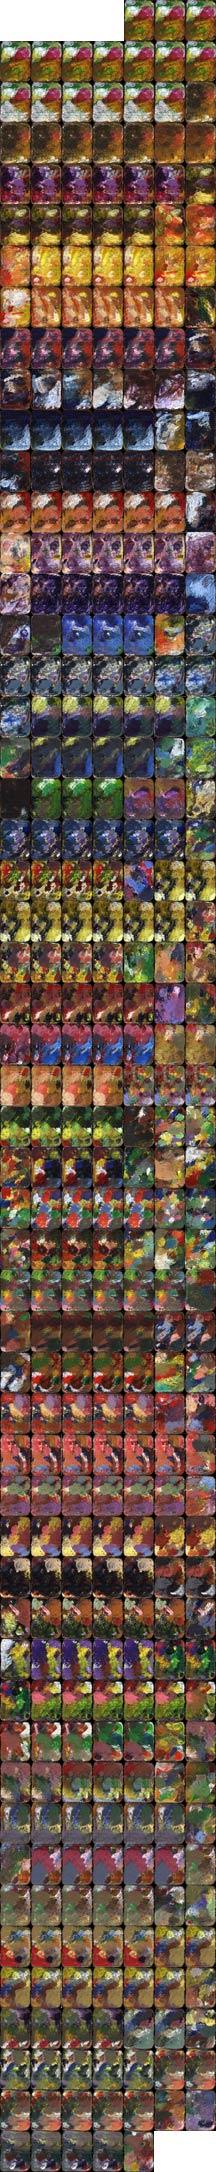 year_2009_grid.jpg